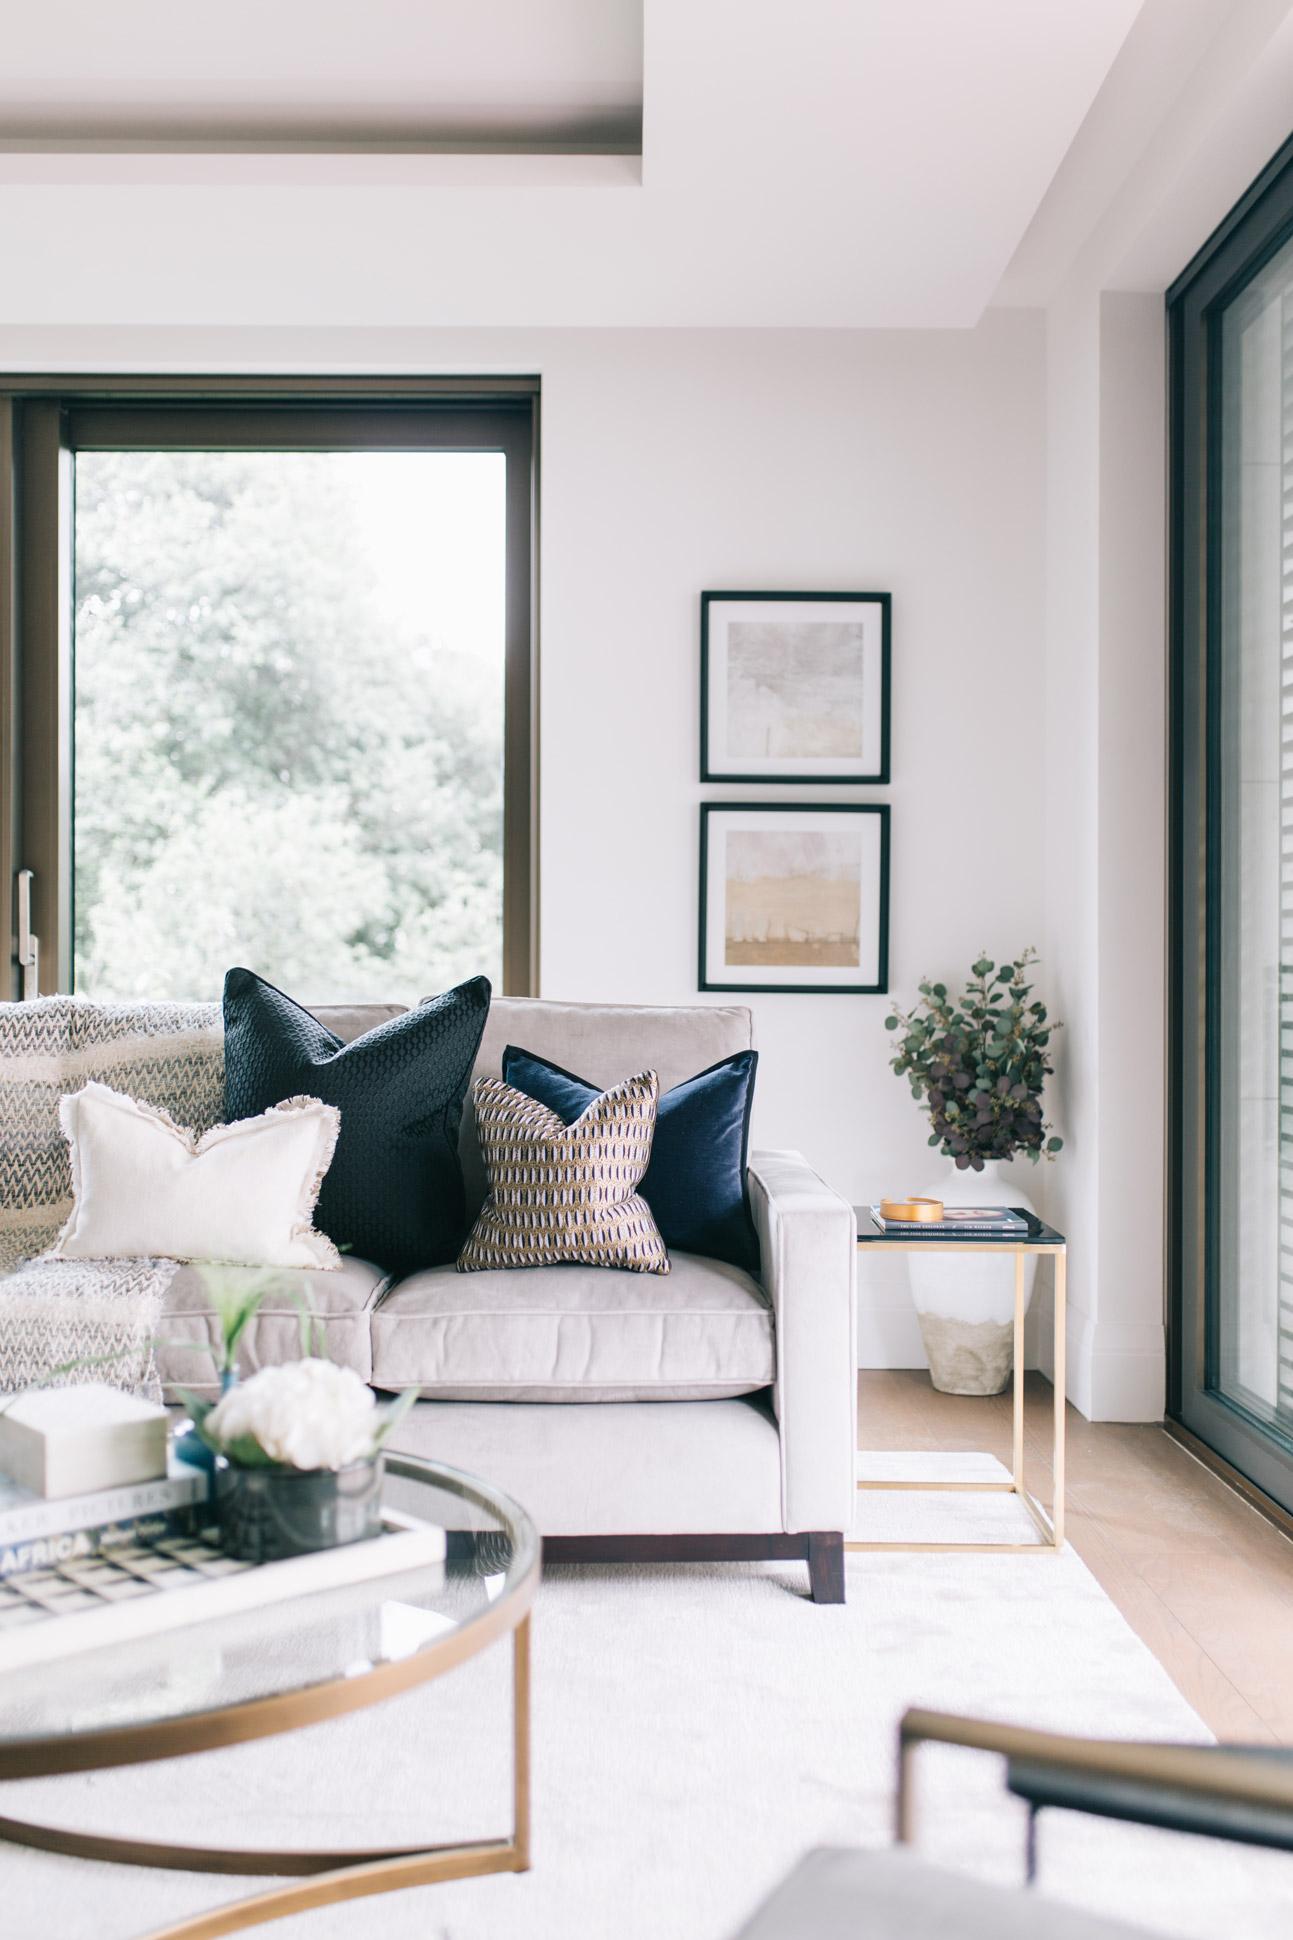 A_LONDON_Holland_Park_Villas_01_Living_Room.jpg